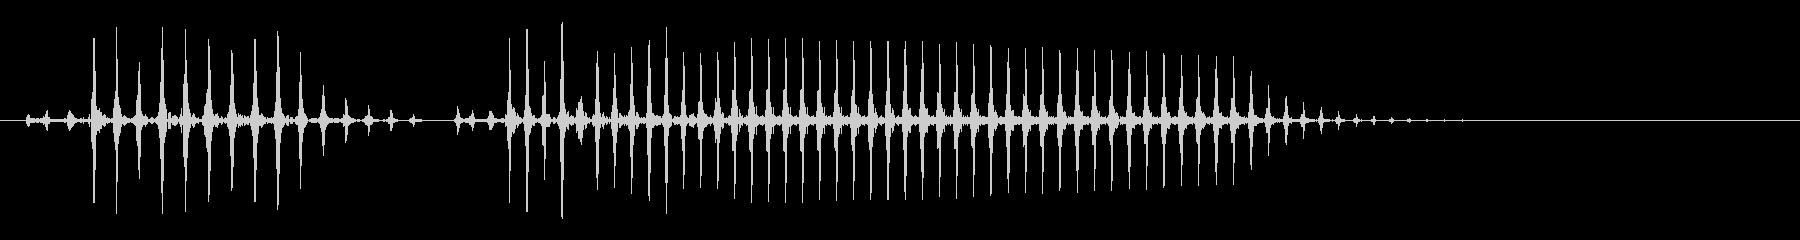 チューバやホルンなど、おならの音の未再生の波形